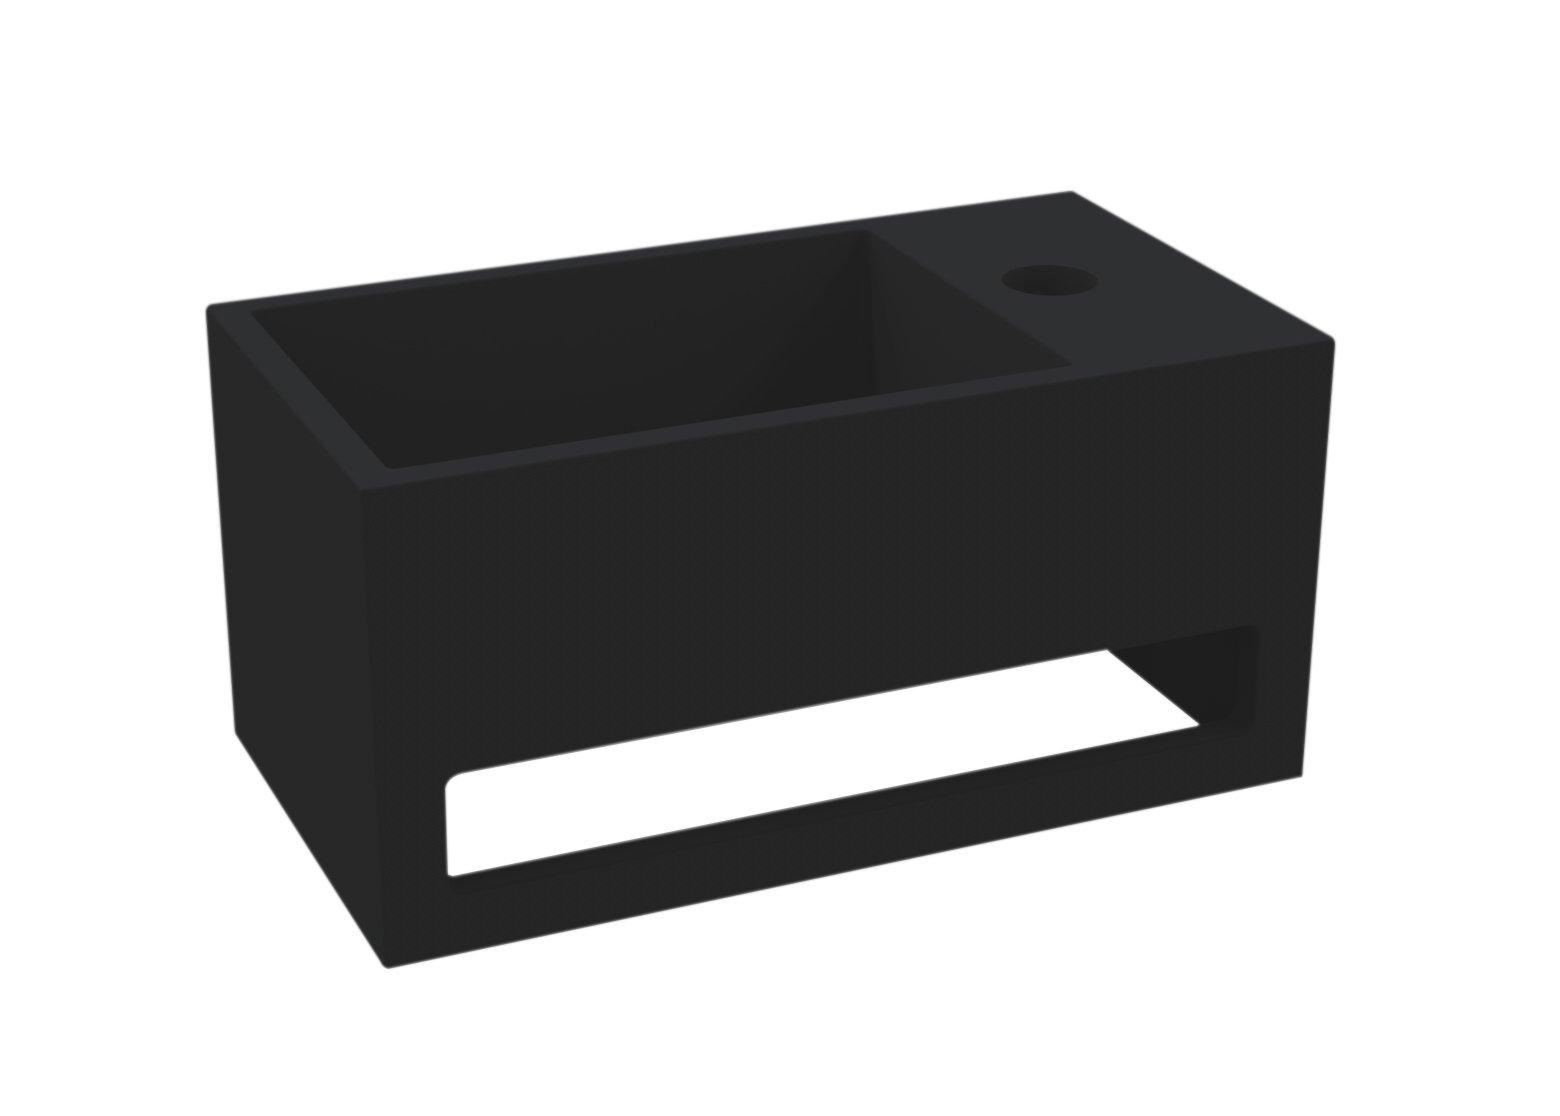 Best Design Mona fontein rechts met handdoekhouder Just solid mat zwart